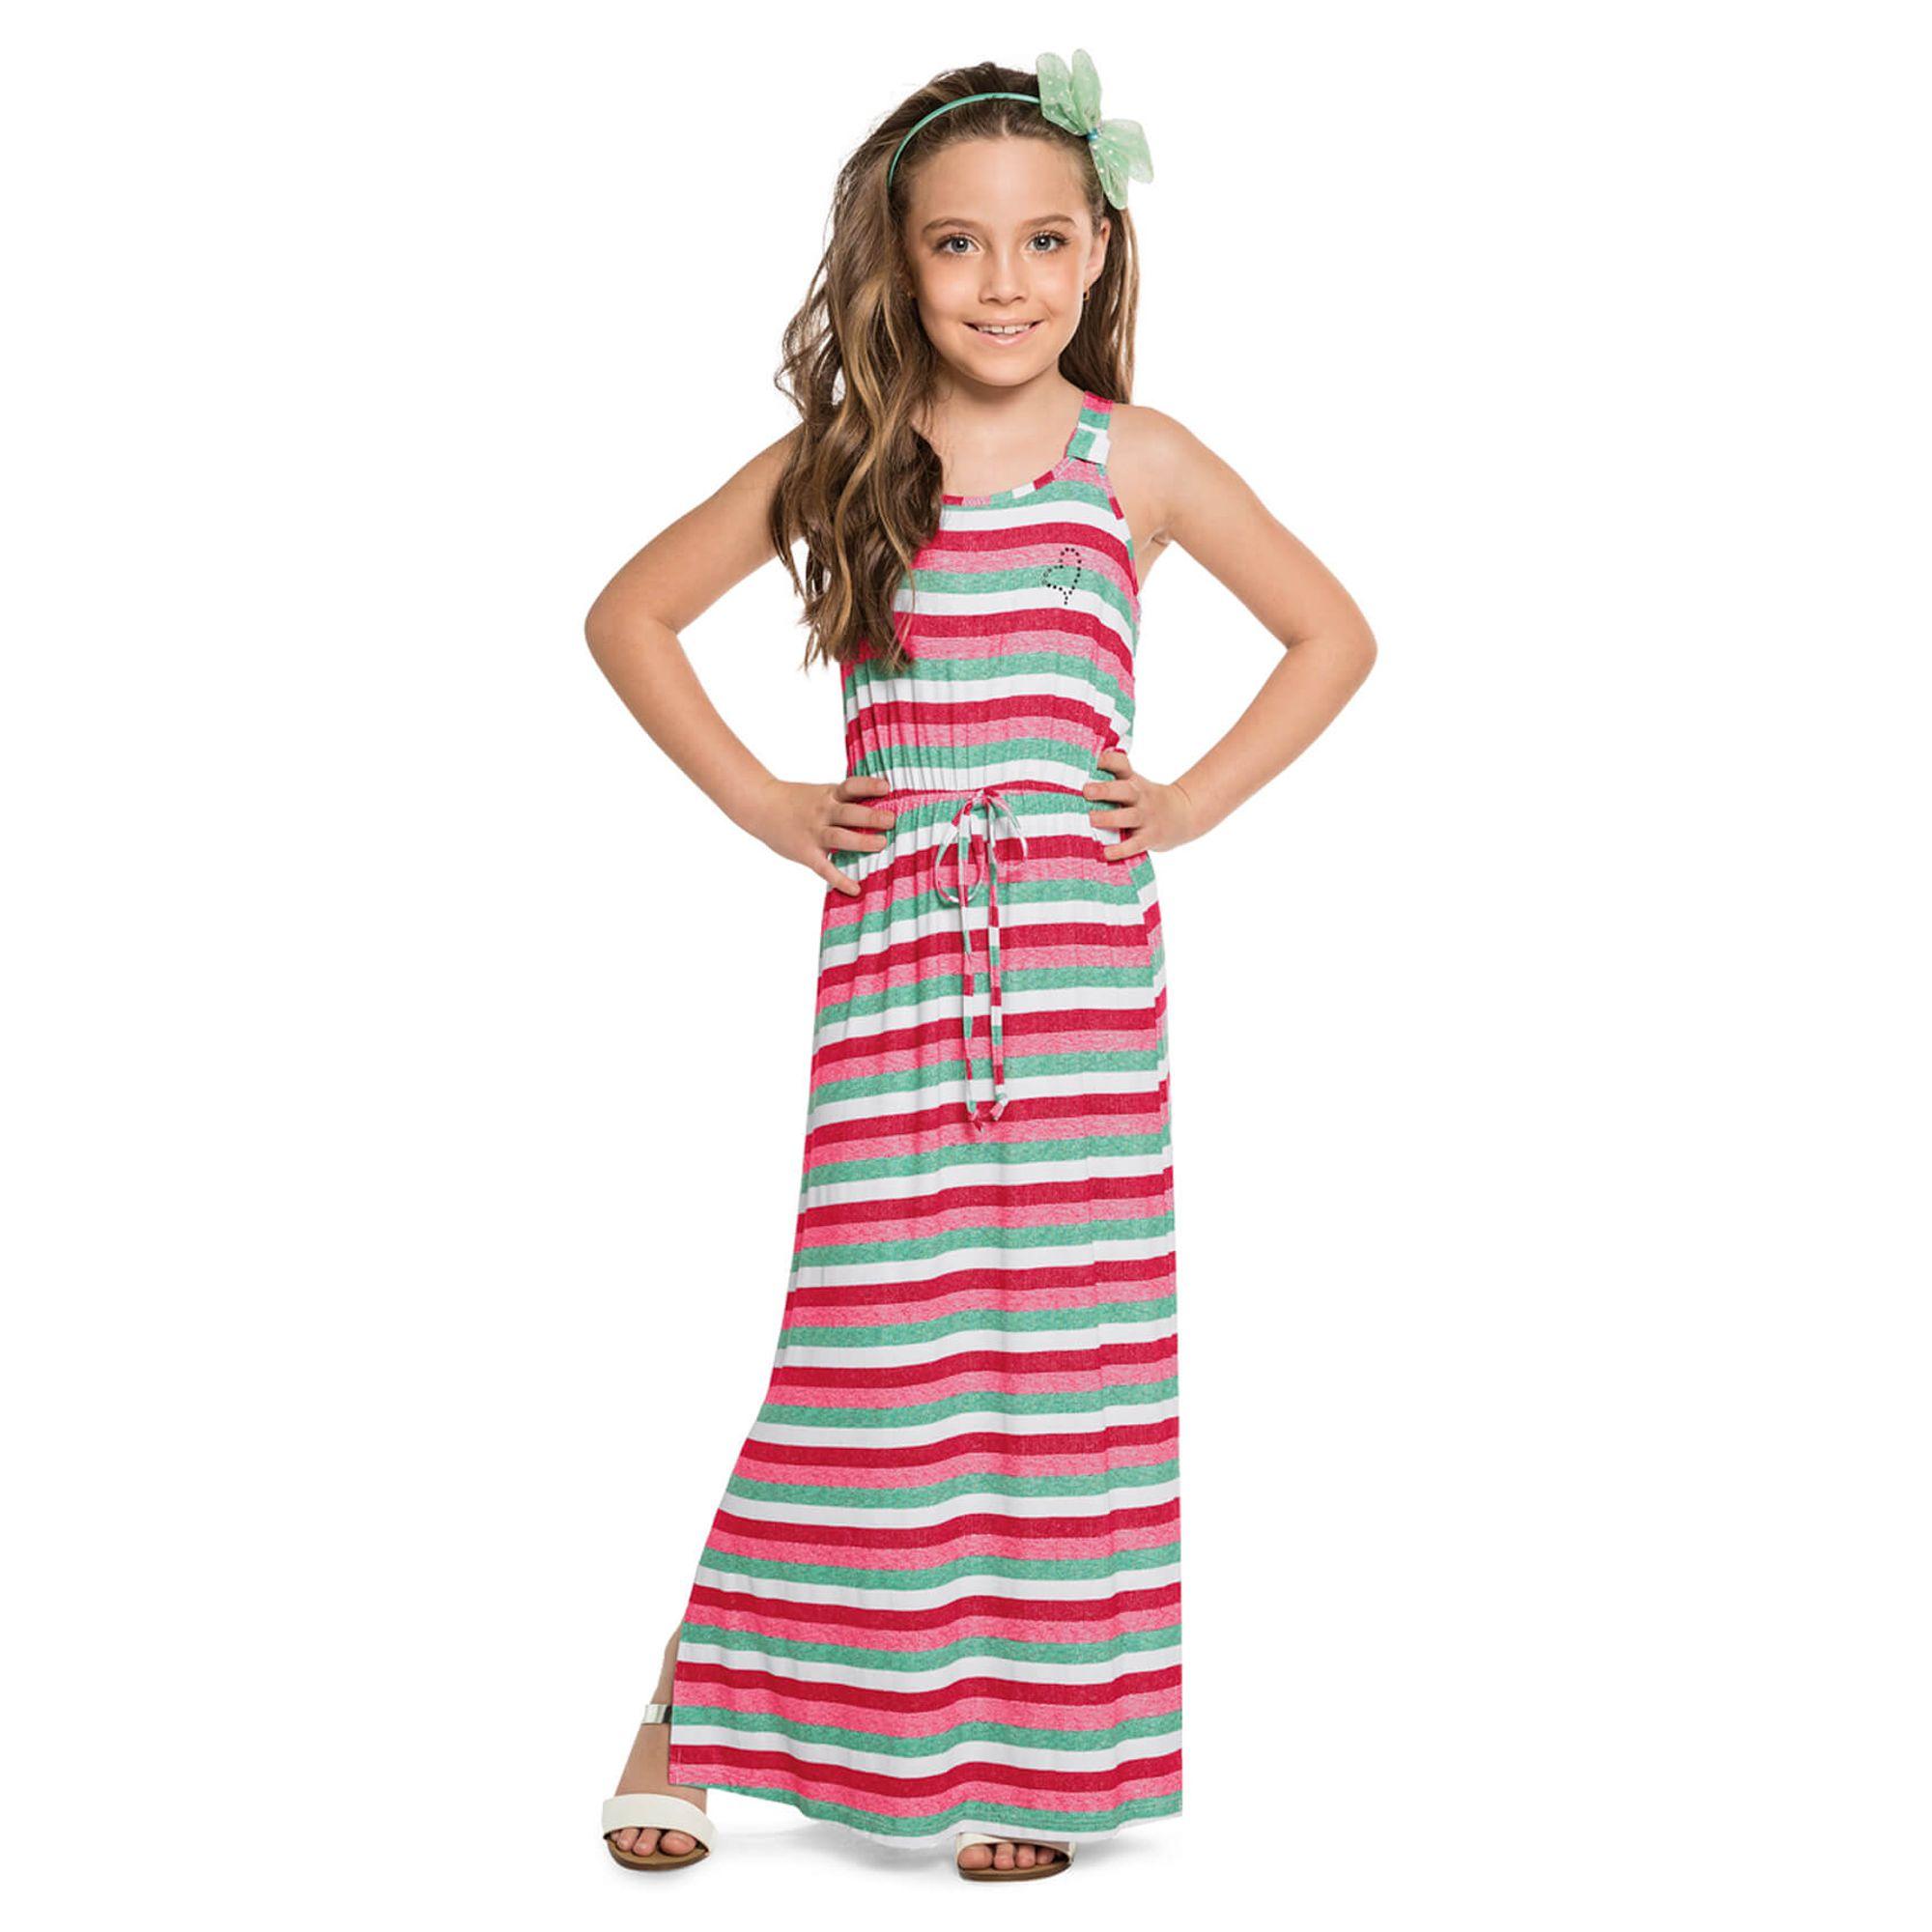 Conhecido Vestido Infantil Longo Listrado em Viscose - Cativa - EcaMeleca ZL62